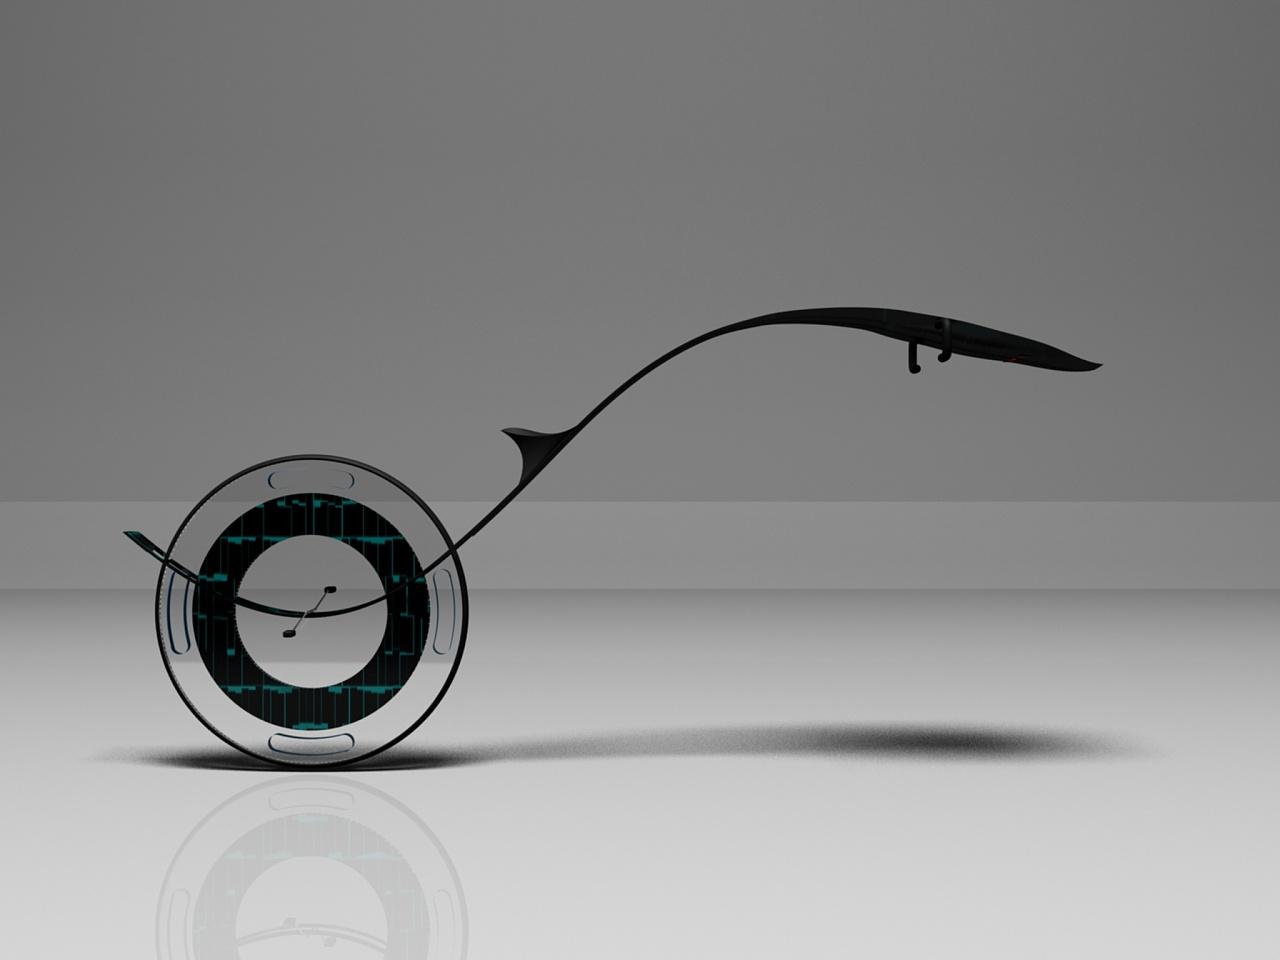 概念超跑自行车 工业/产品 交通工具 18706177525